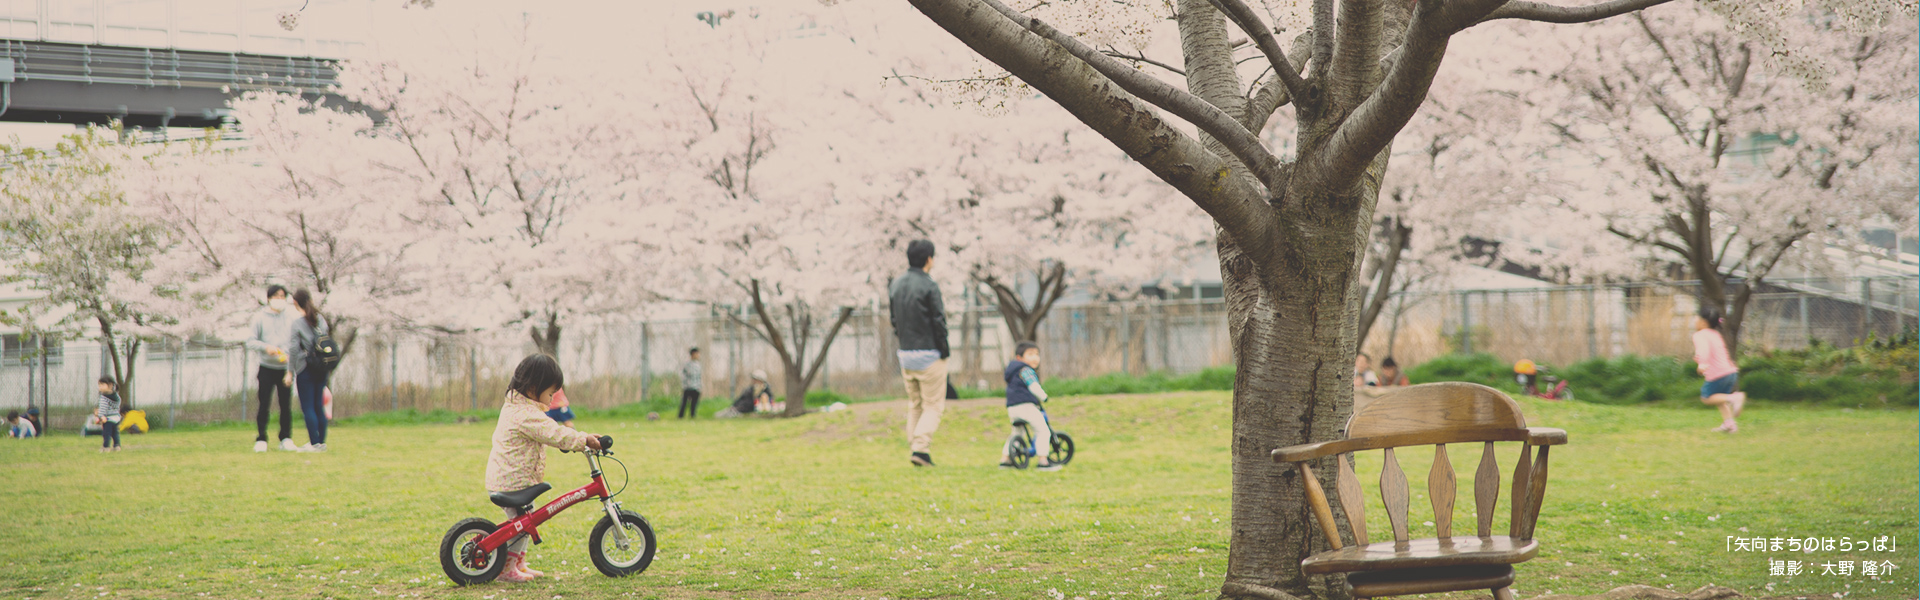 「矢向まちのはらっぱ」 撮影:大野 隆介